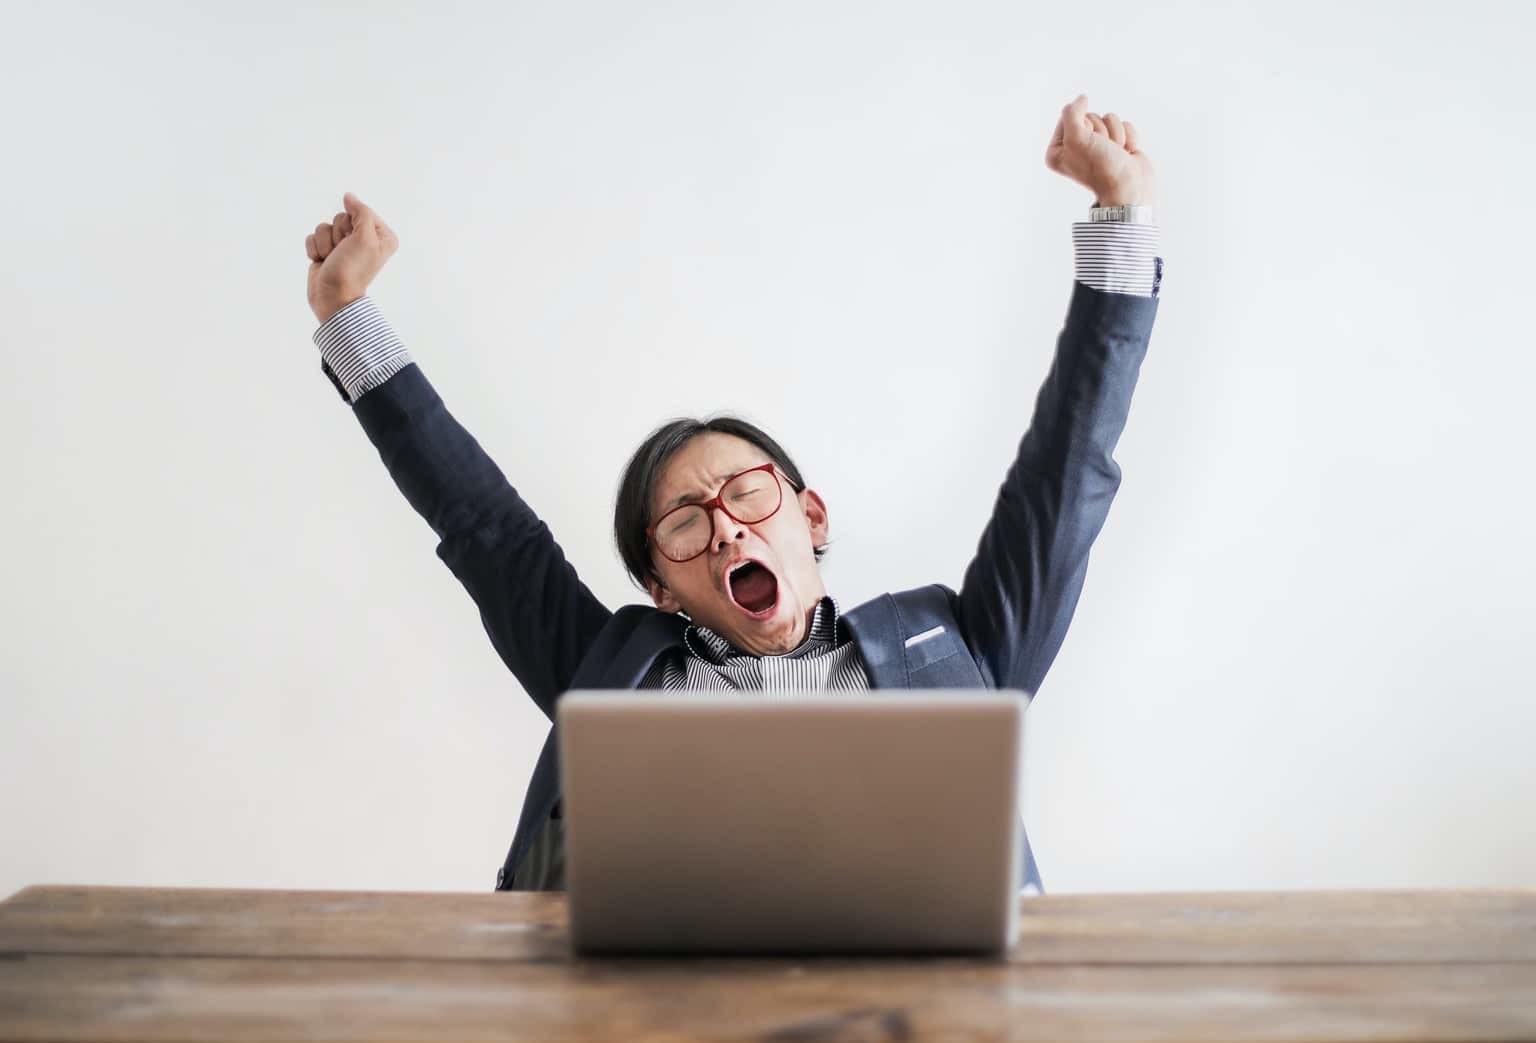 comment lutter contre procrastination entrepreneuriale